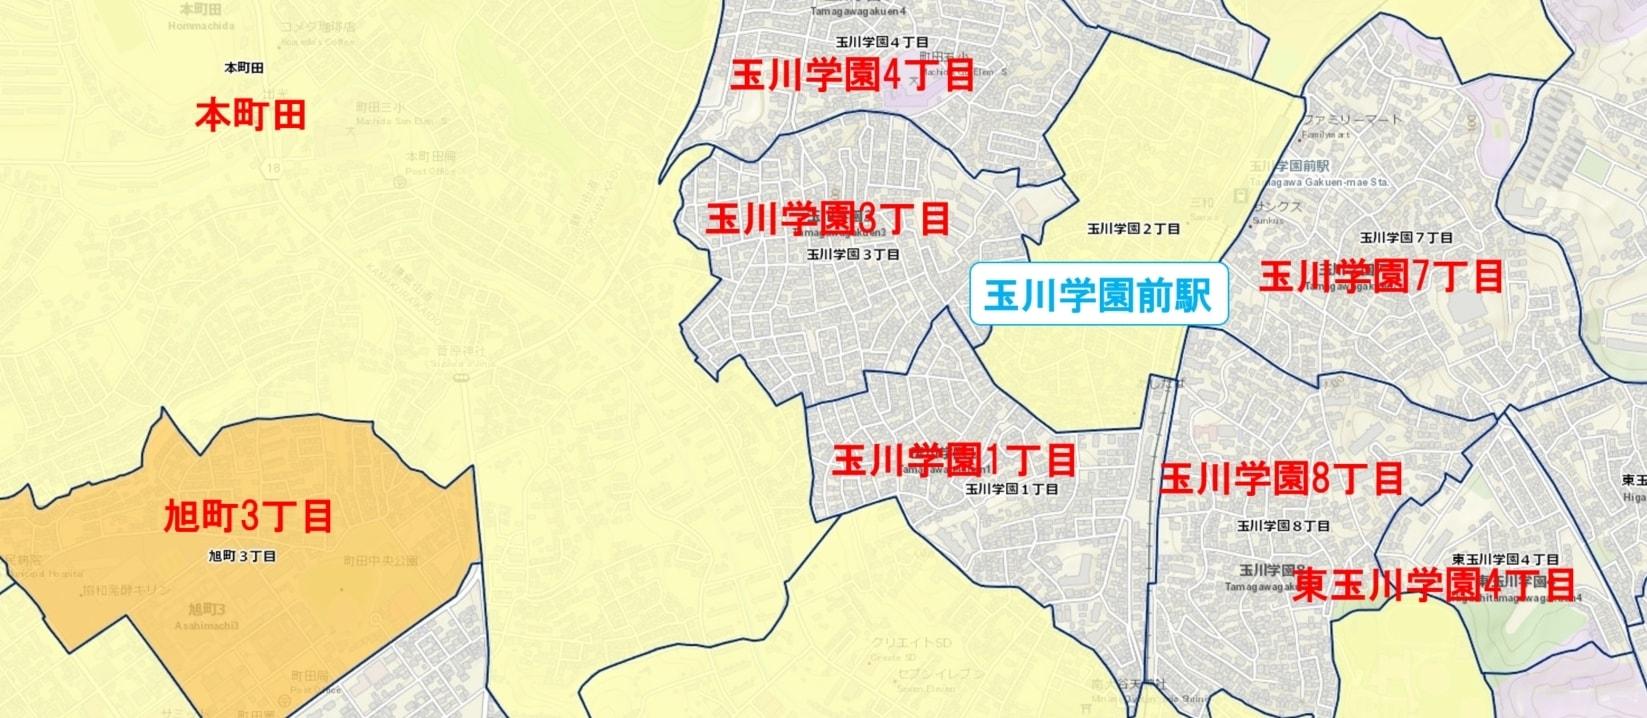 玉川学園前駅周辺の粗暴犯の犯罪件数マップ